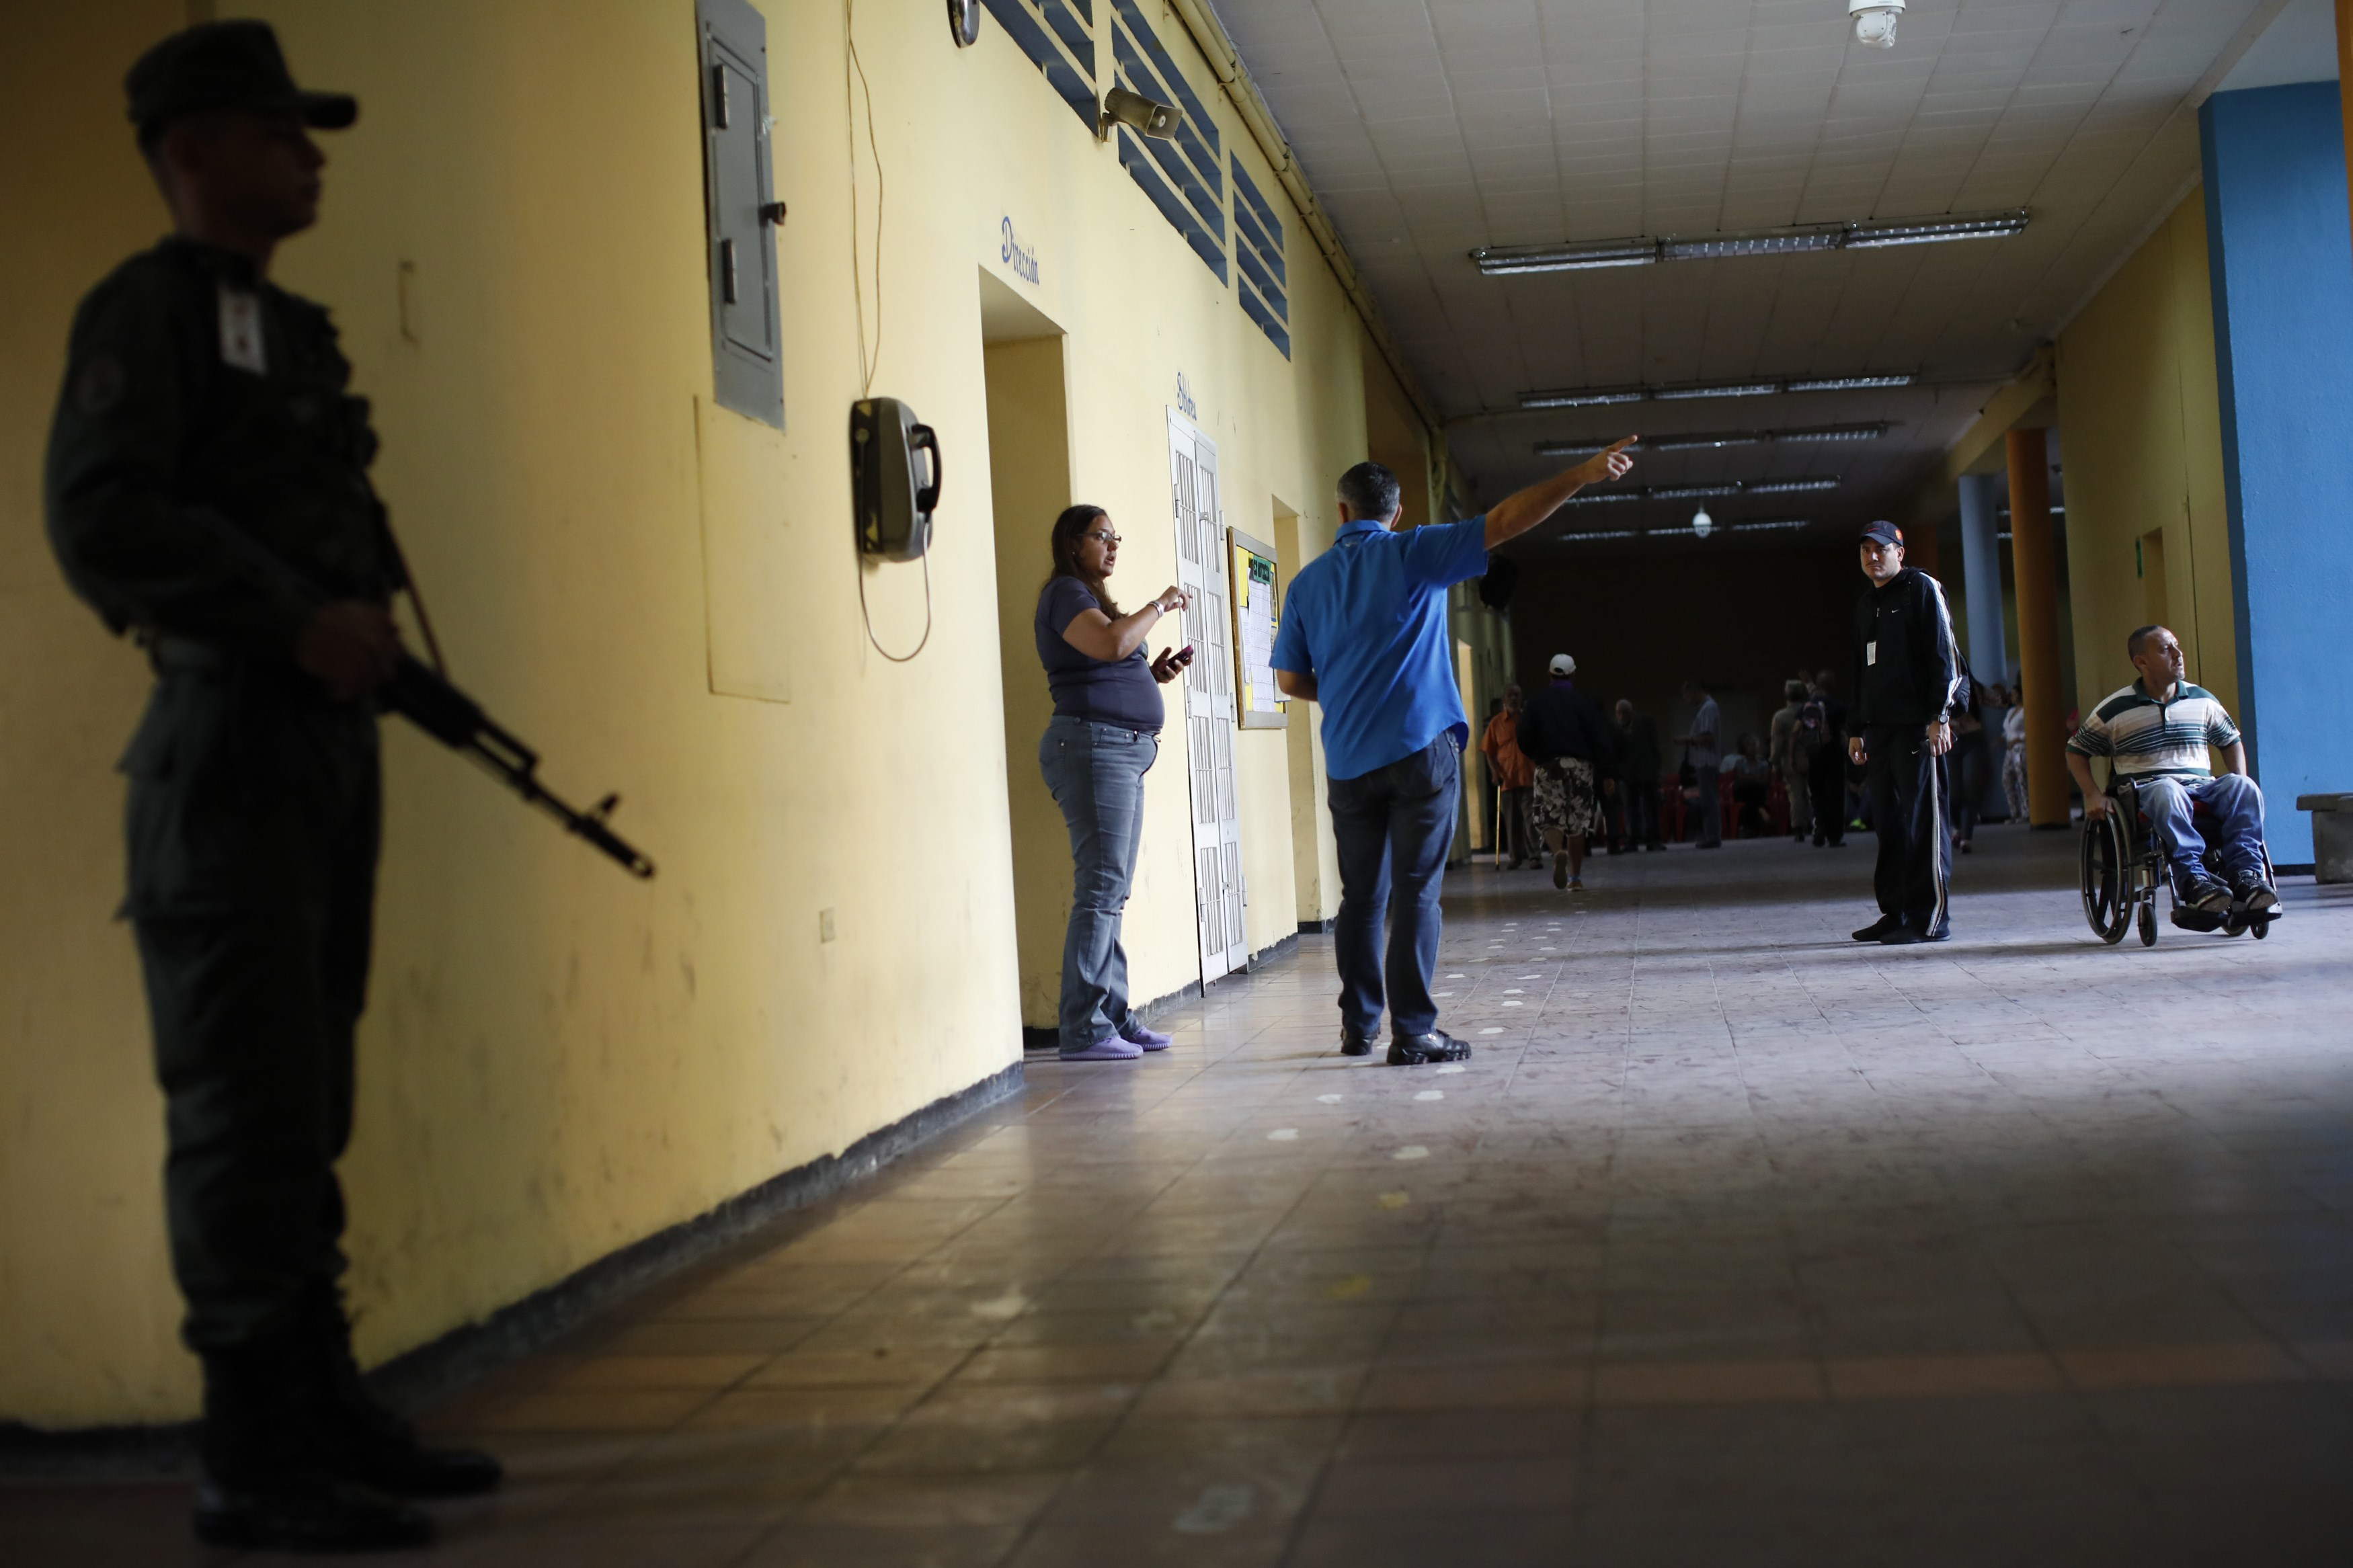 Los centros de votación se mostraron desiertos durante toda la jornada (Reuters)